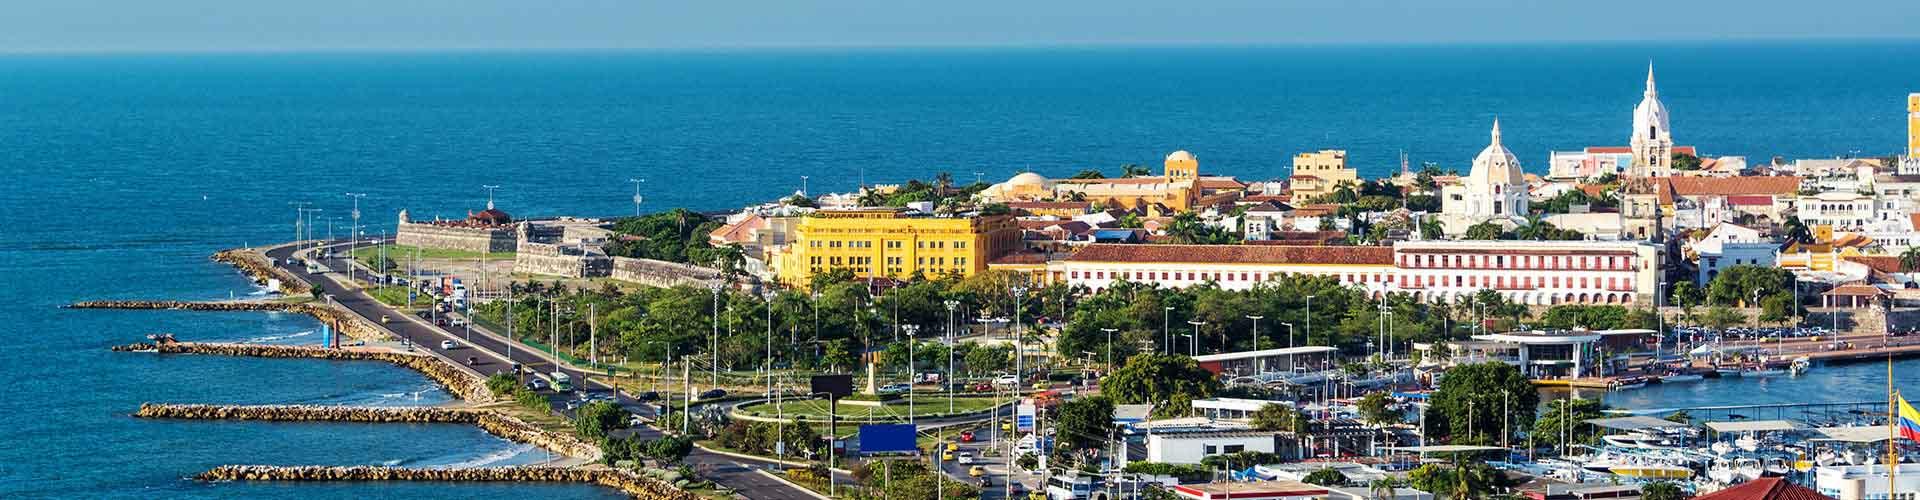 Cartagena - Hostales en Cartagena. Mapas de Cartagena, Fotos y Comentarios para cada hostal en Cartagena.